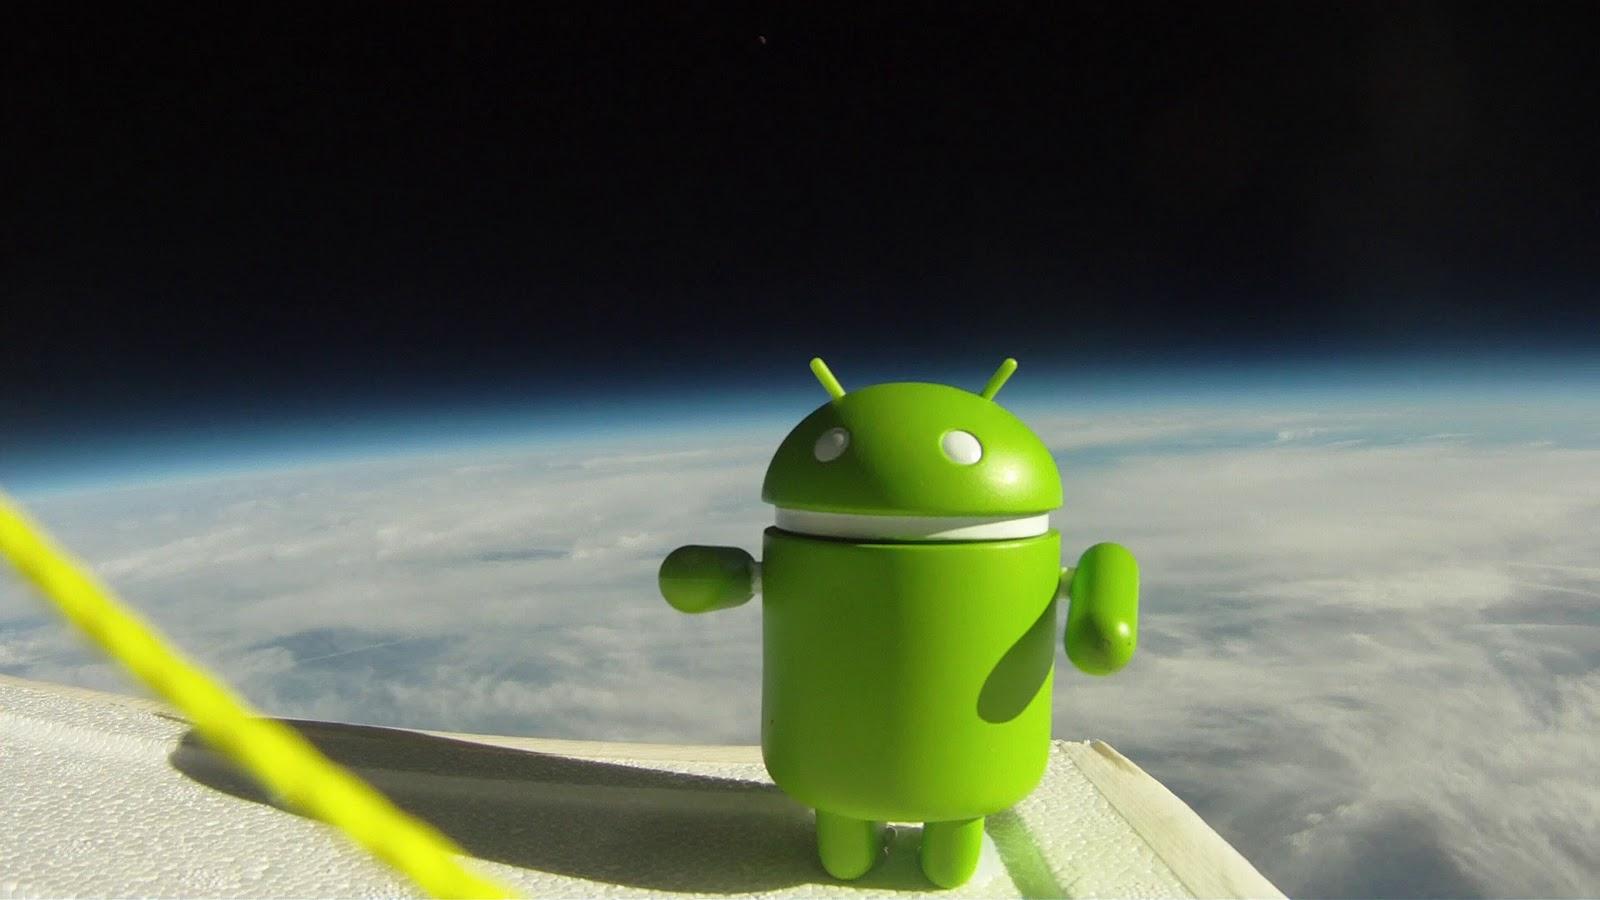 Bugdroid et les versions de Android